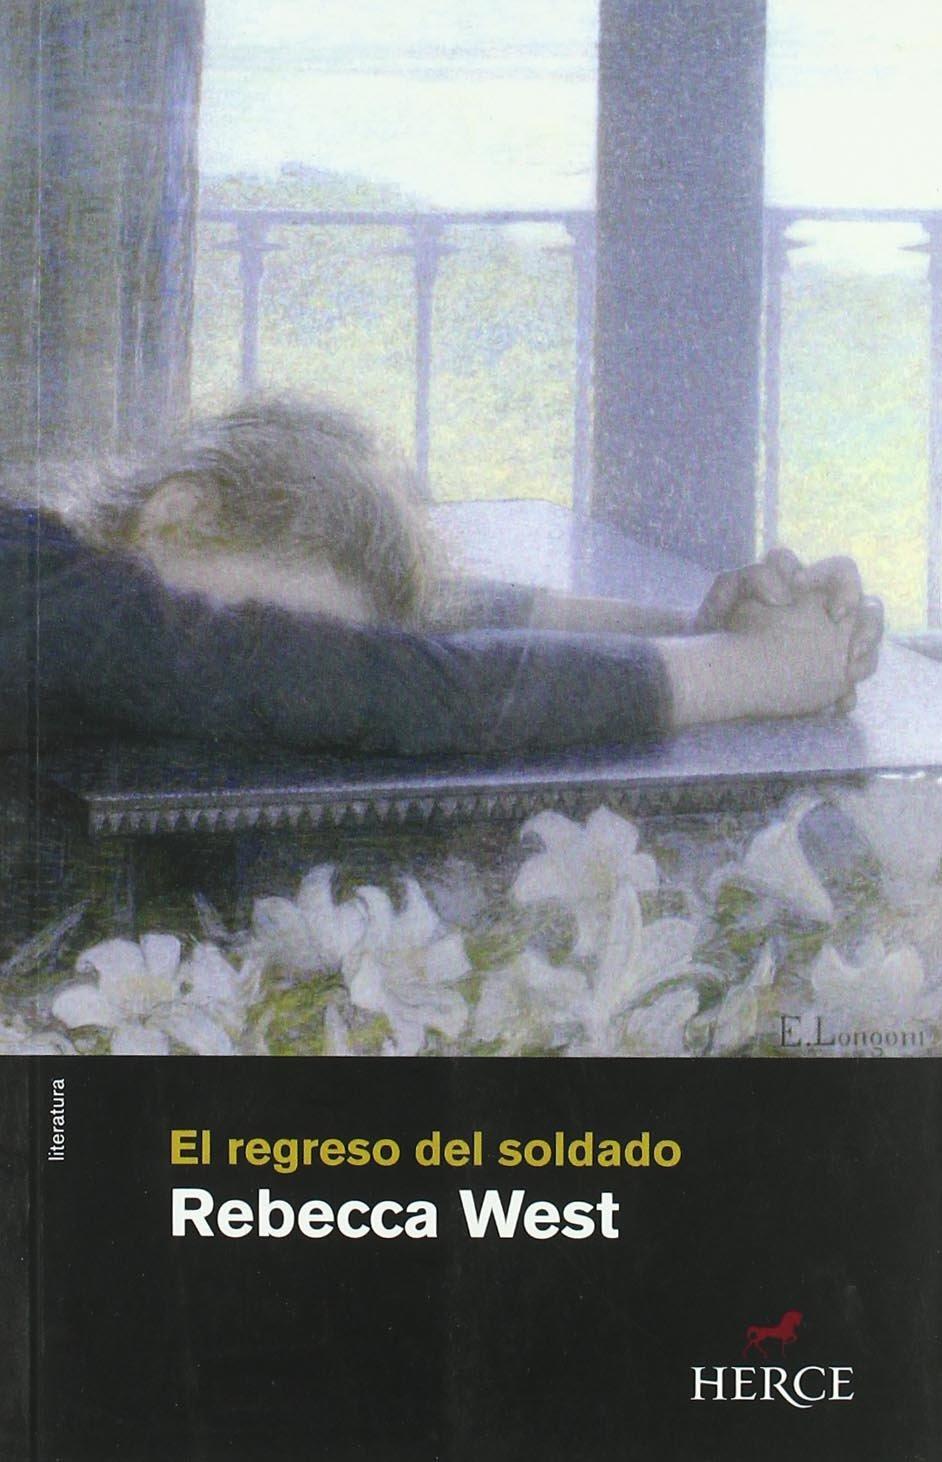 ¿Que estáis leyendo ahora? - Página 15 71P6KqAborL